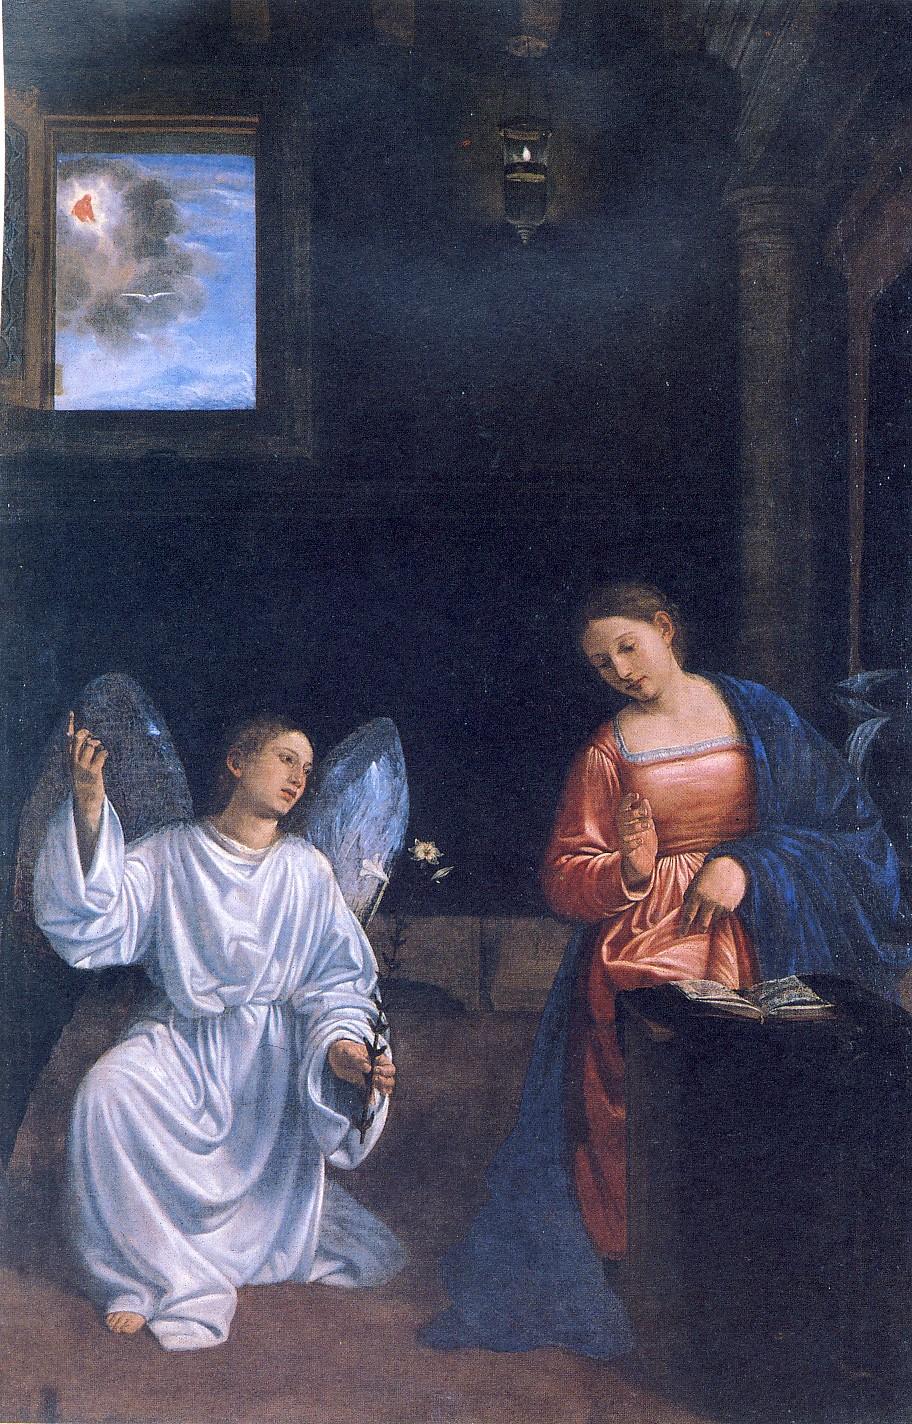 G.SAVOLDO. L'Annunciazione, 1535-1540 ca., olio su tela, cm 173,5 x 114, Pordenone, Museo Civico (in deposito dalla Soprintendenza)